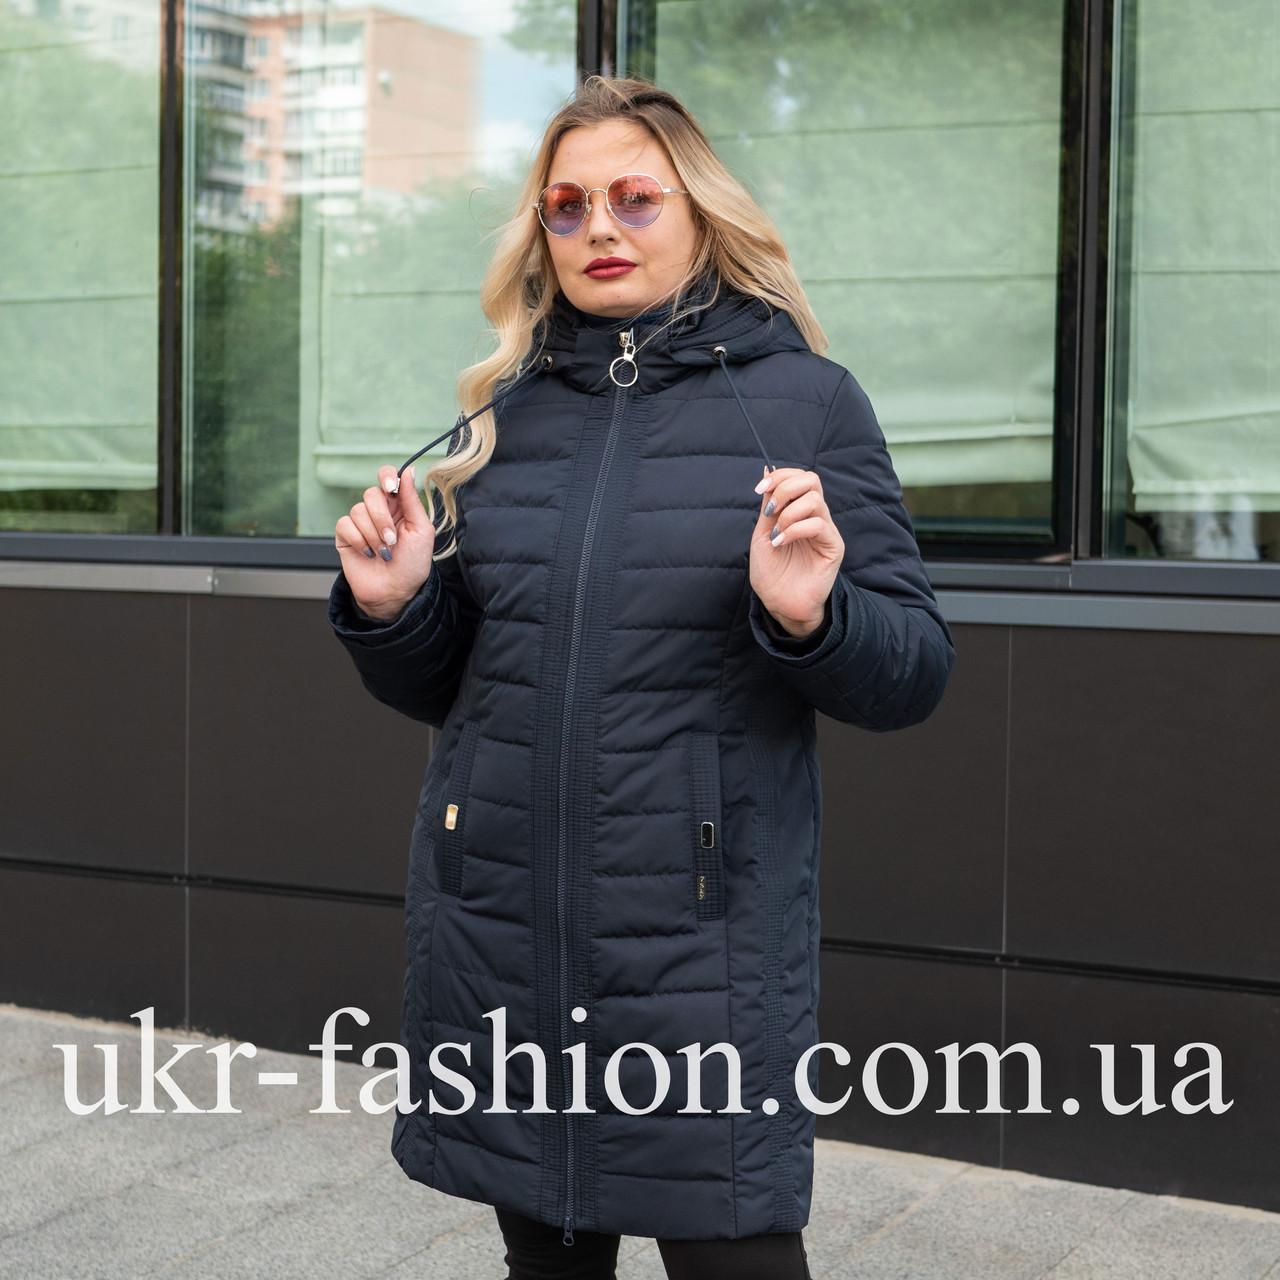 Куртки батал жіночі весна-осінь великі розміри 58 синій